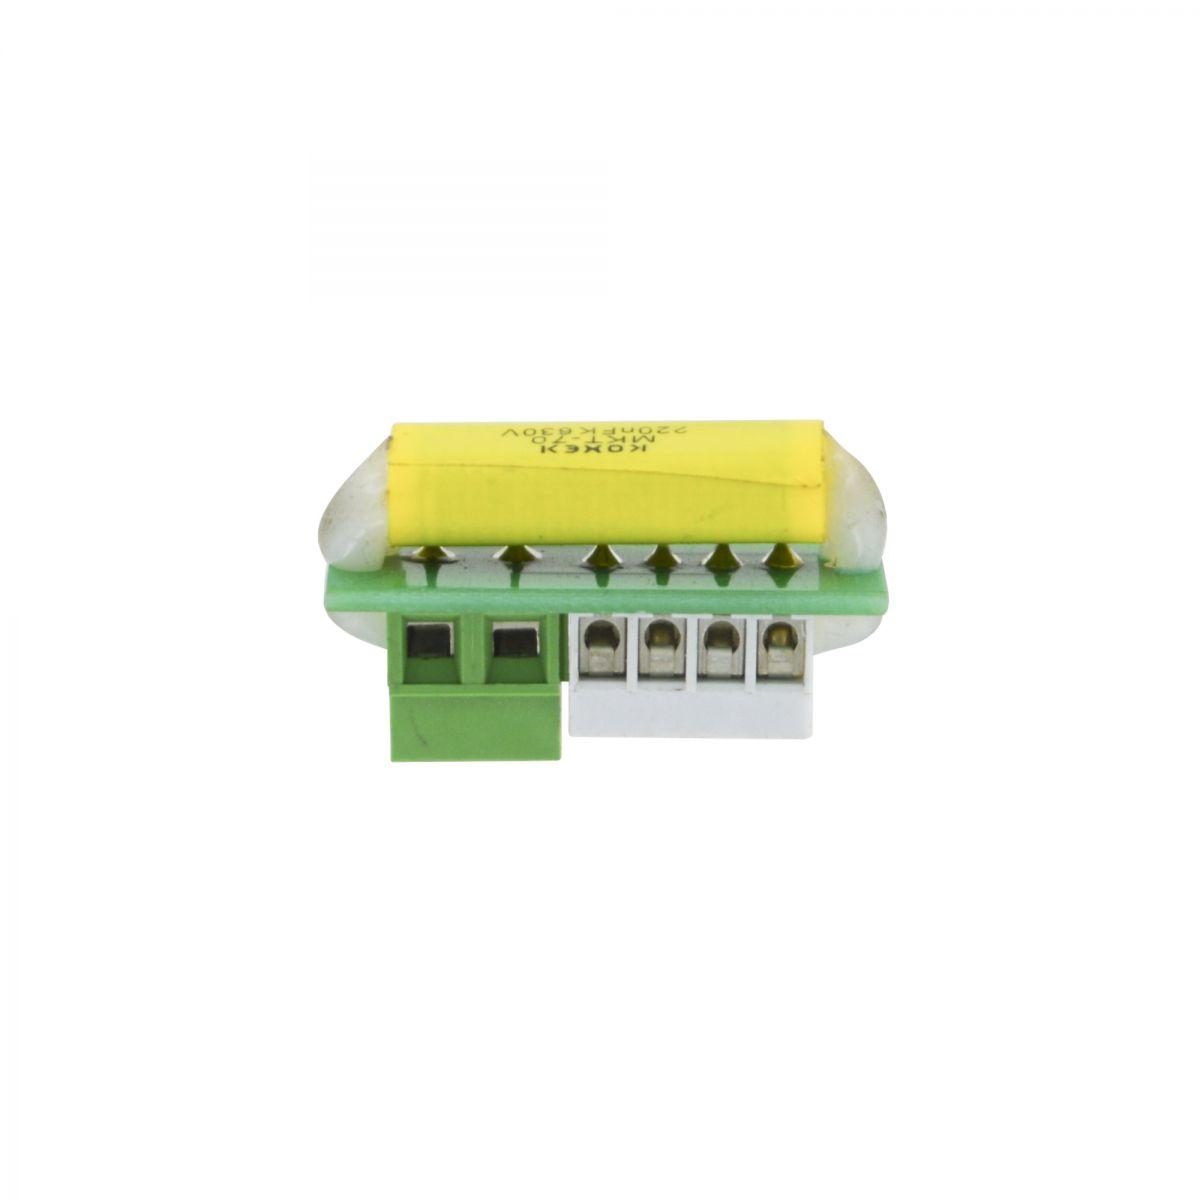 condensator op aansluitprint 022f 630v motor 1159 tbv propyfill